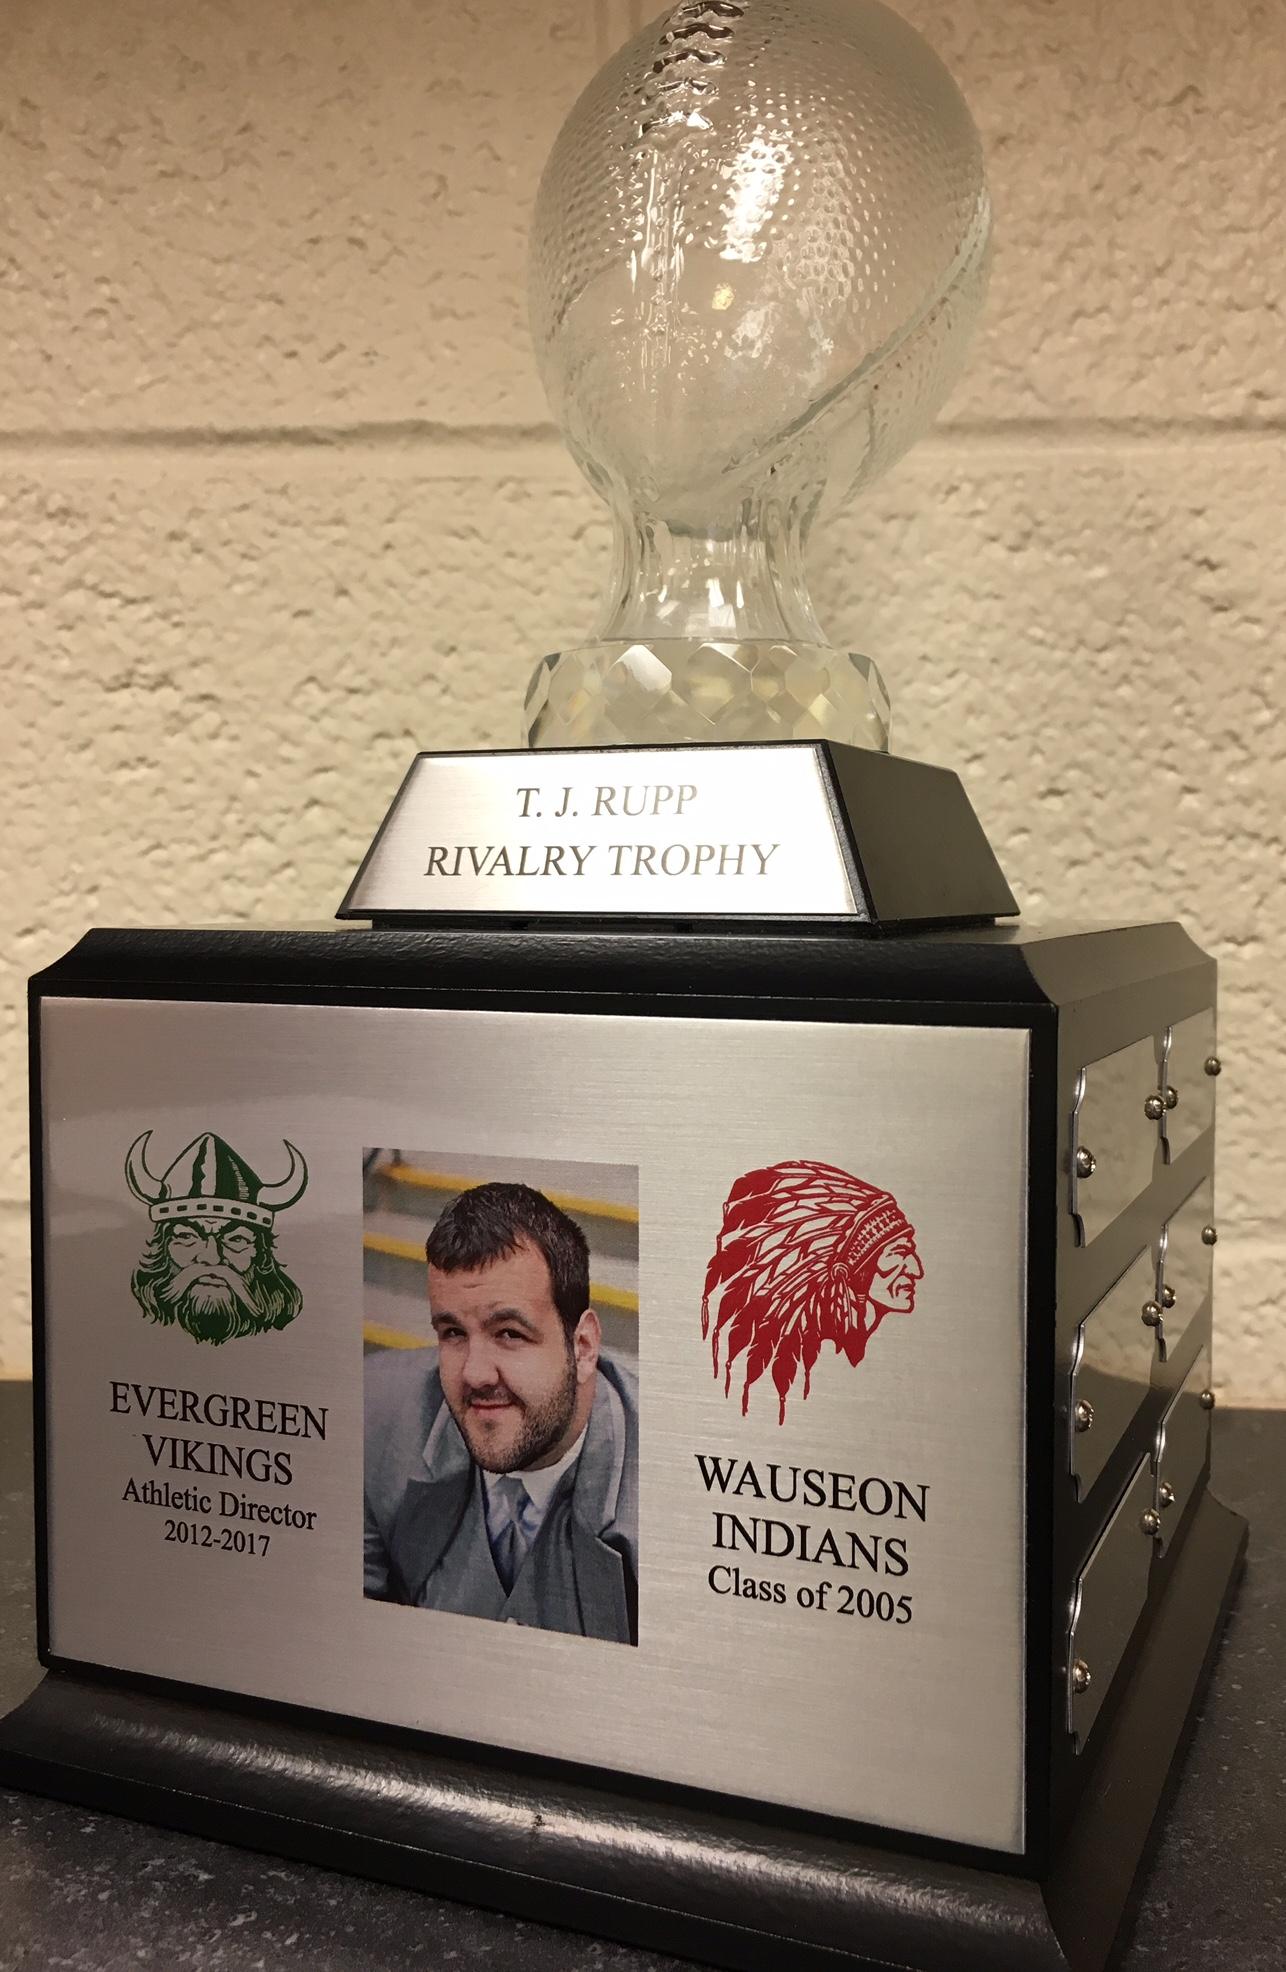 T. J. Rupp Rivalry Trophy